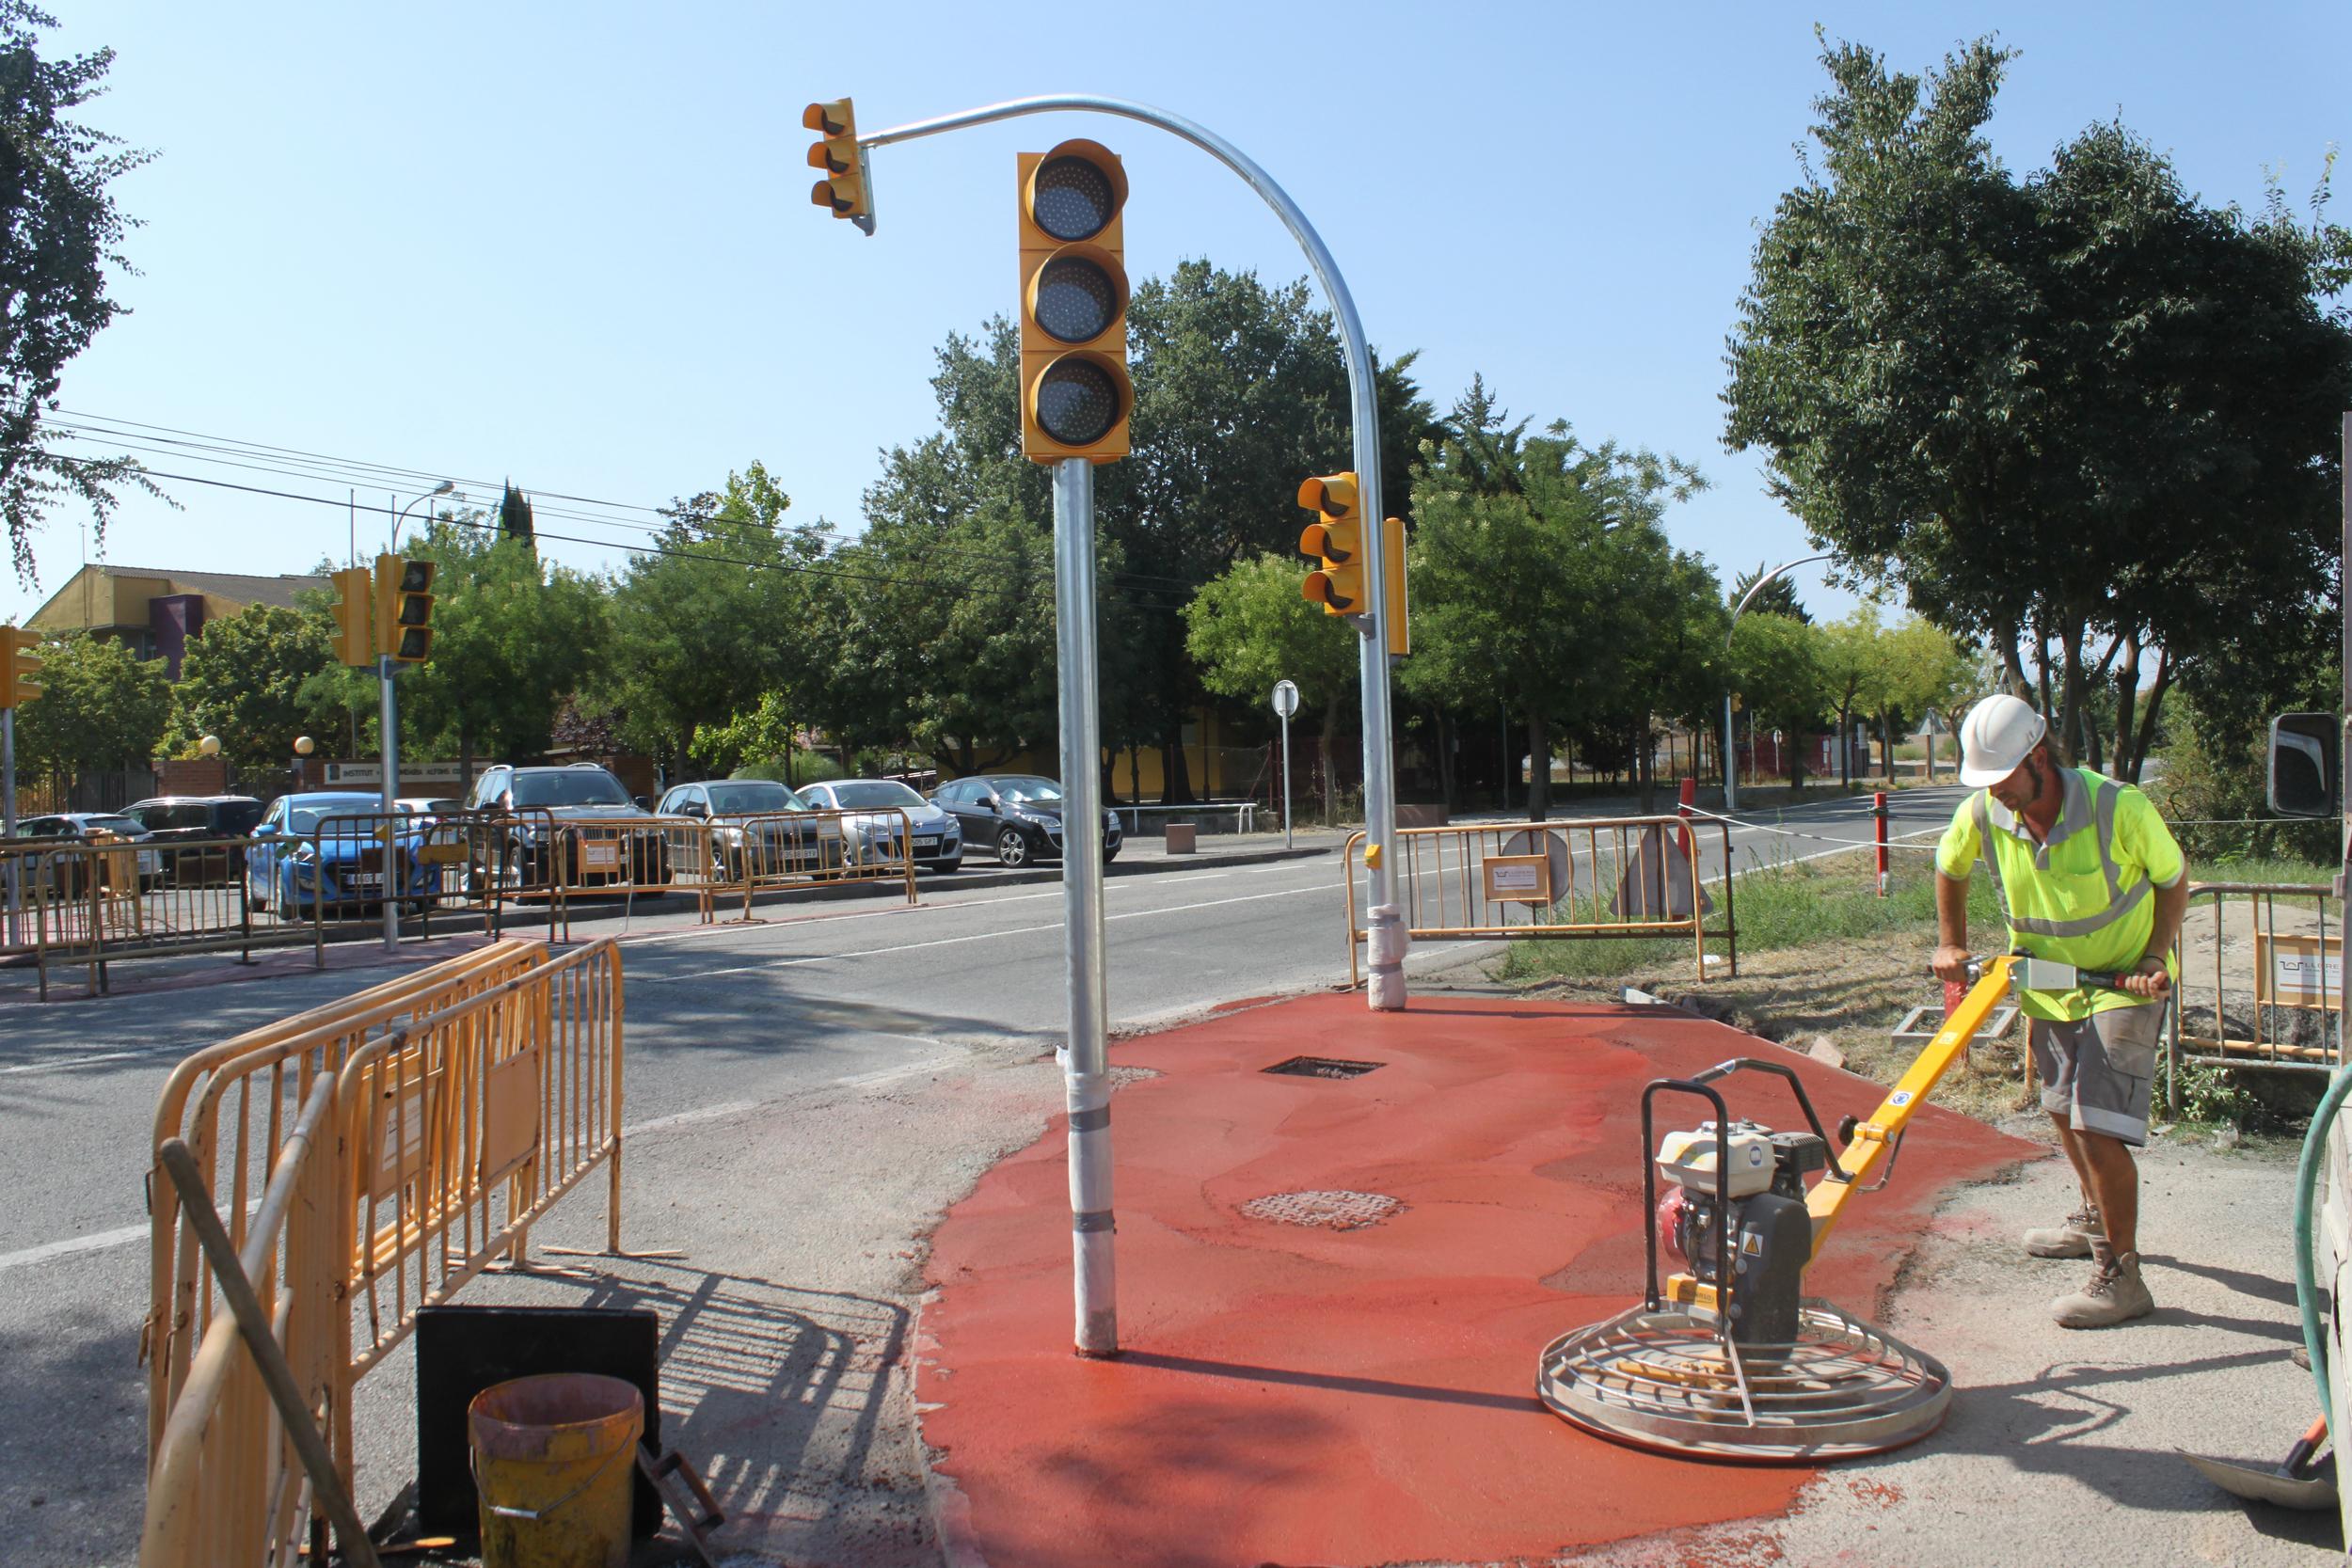 L'Ajuntament de Tàrrega ultima els treballs per reforçar la seguretat viària al tram de la C-14 vora els centres educatius